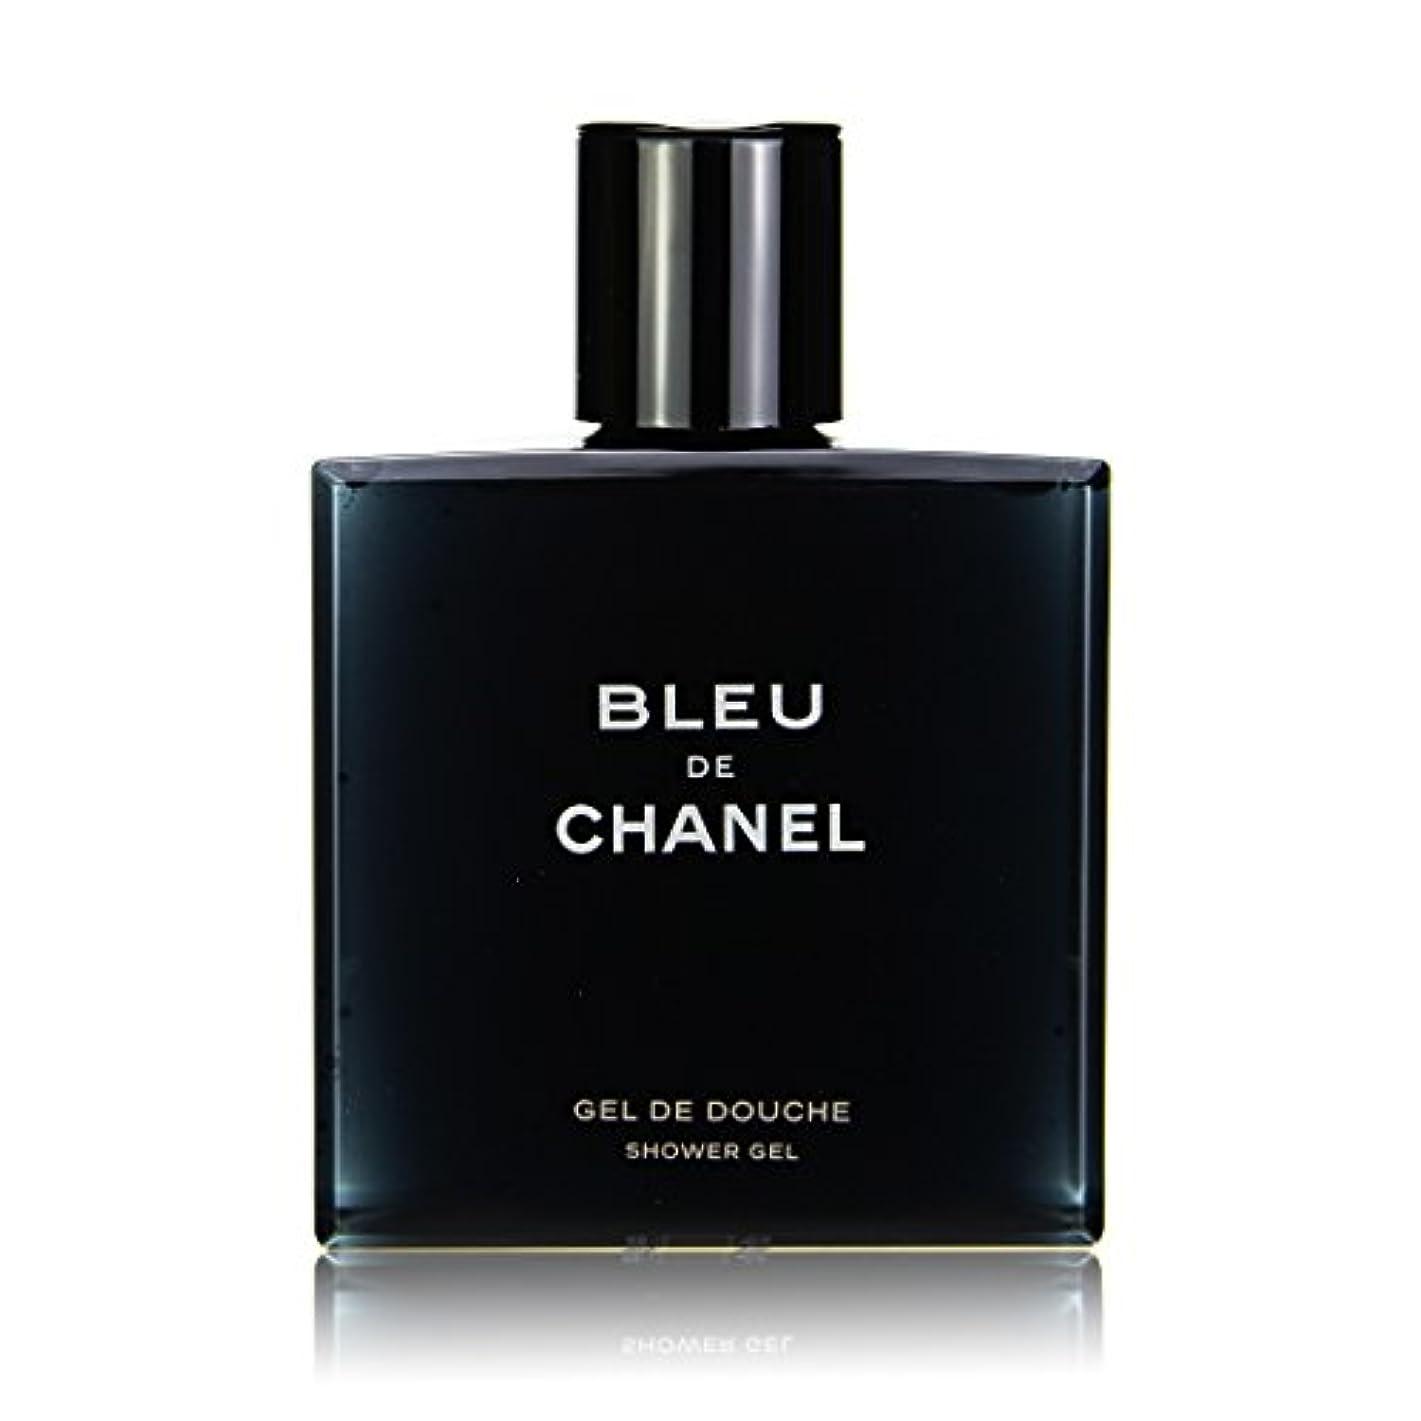 ウールなぜ完璧なシャネル CHANEL ブルー ドゥ シャネル ボディウォッシュ 〔シャワージェル〕 200ml fs 【並行輸入品】